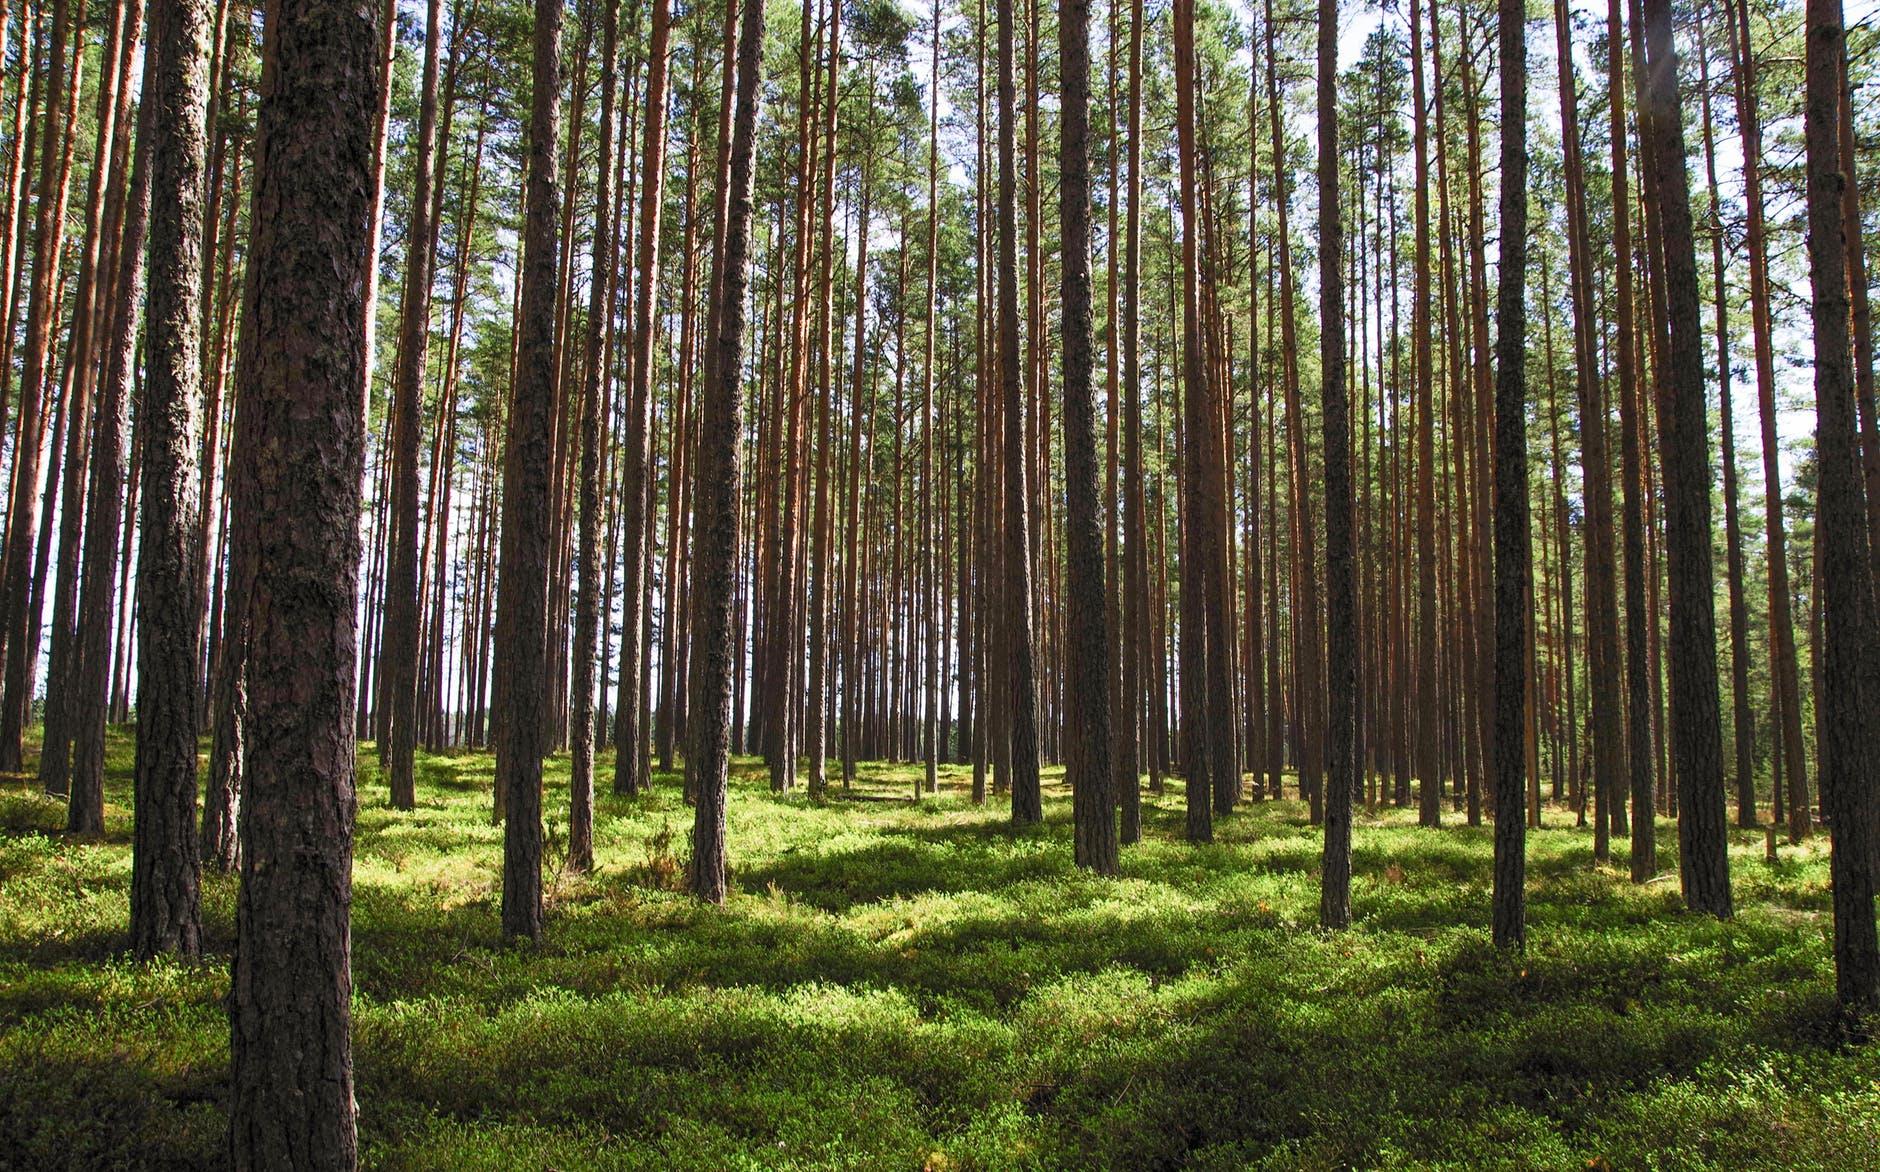 Πρέπει να φυτέψουν δέκα δέντρα για να πάρουν… απολυτήριο!